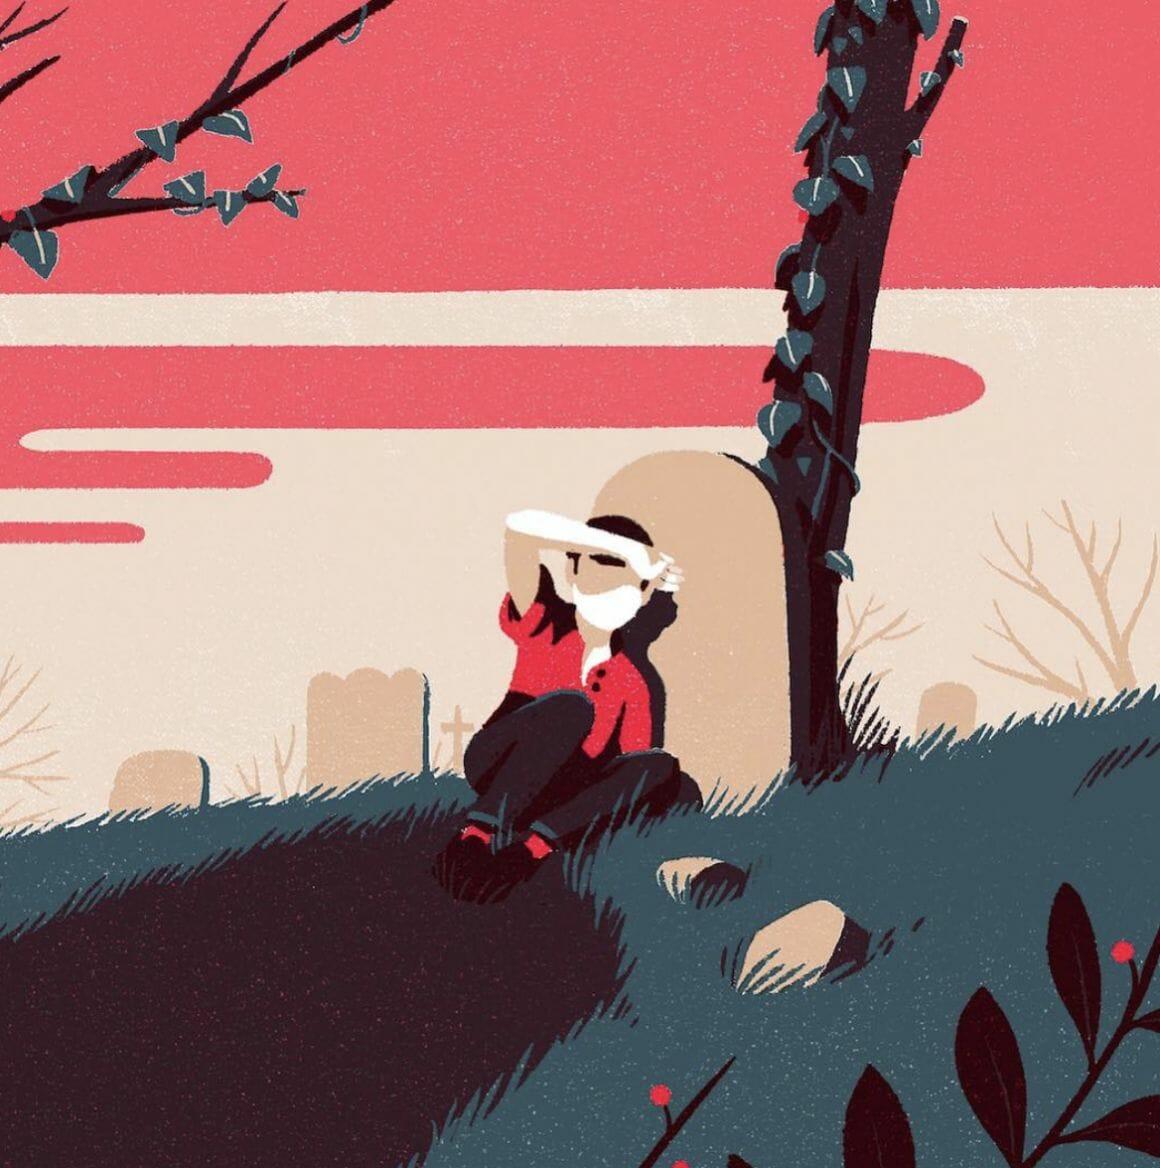 Paysage avec couché de soleil - illustration d'un paysage réalisée par Tom Haugomat